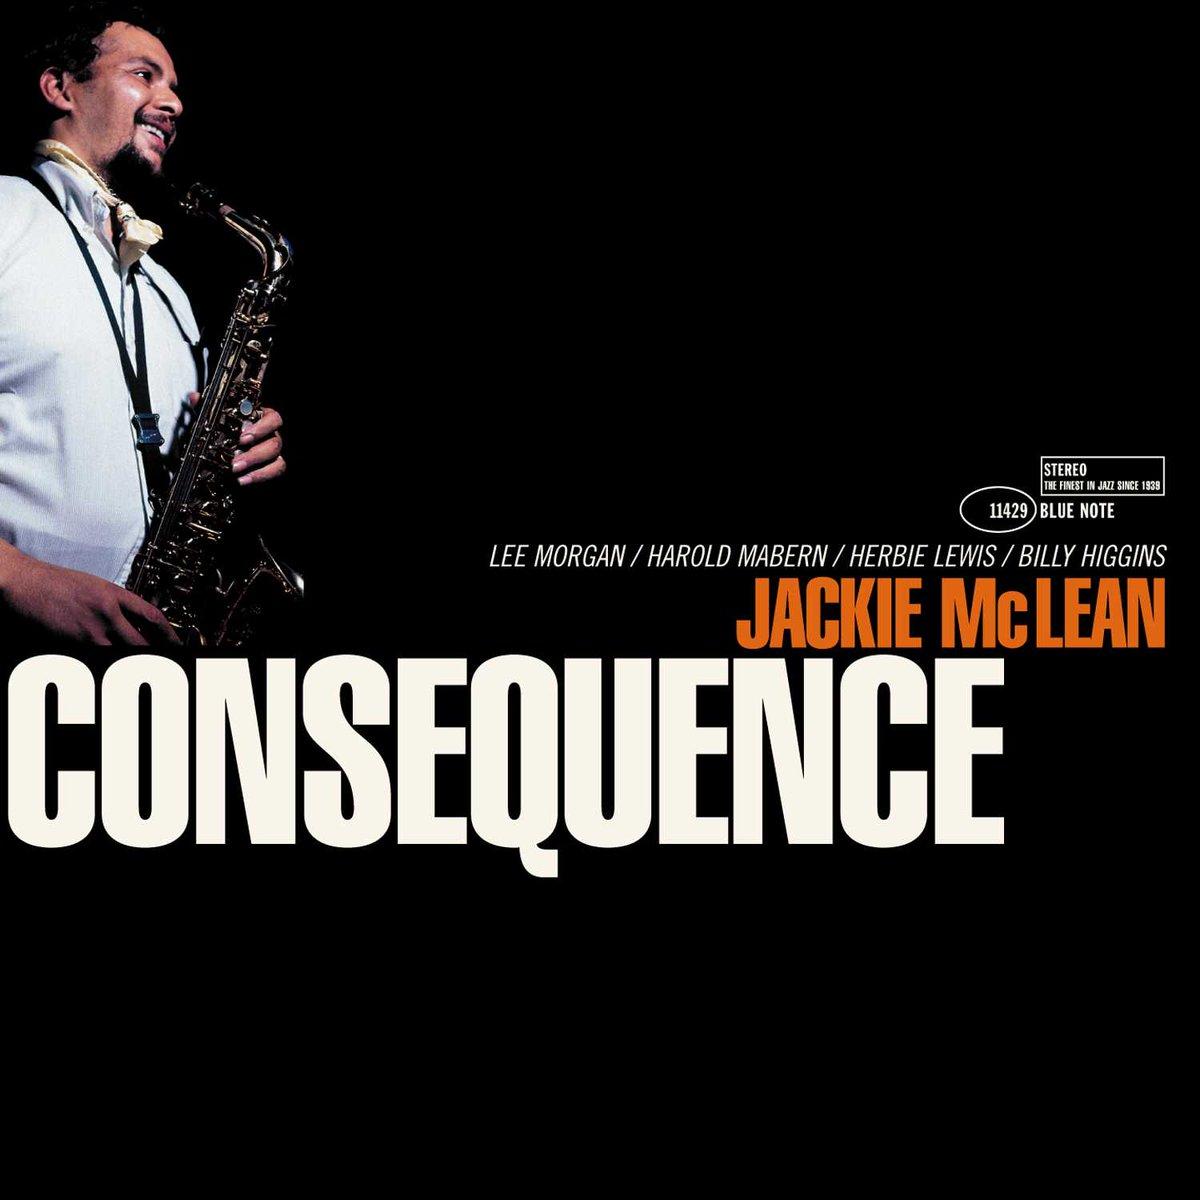 50ys ago 2 altoists recorded on opposite sides of the Atlantic #JackieMcLean #OrnetteColeman https://t.co/v0tFFX9OJW